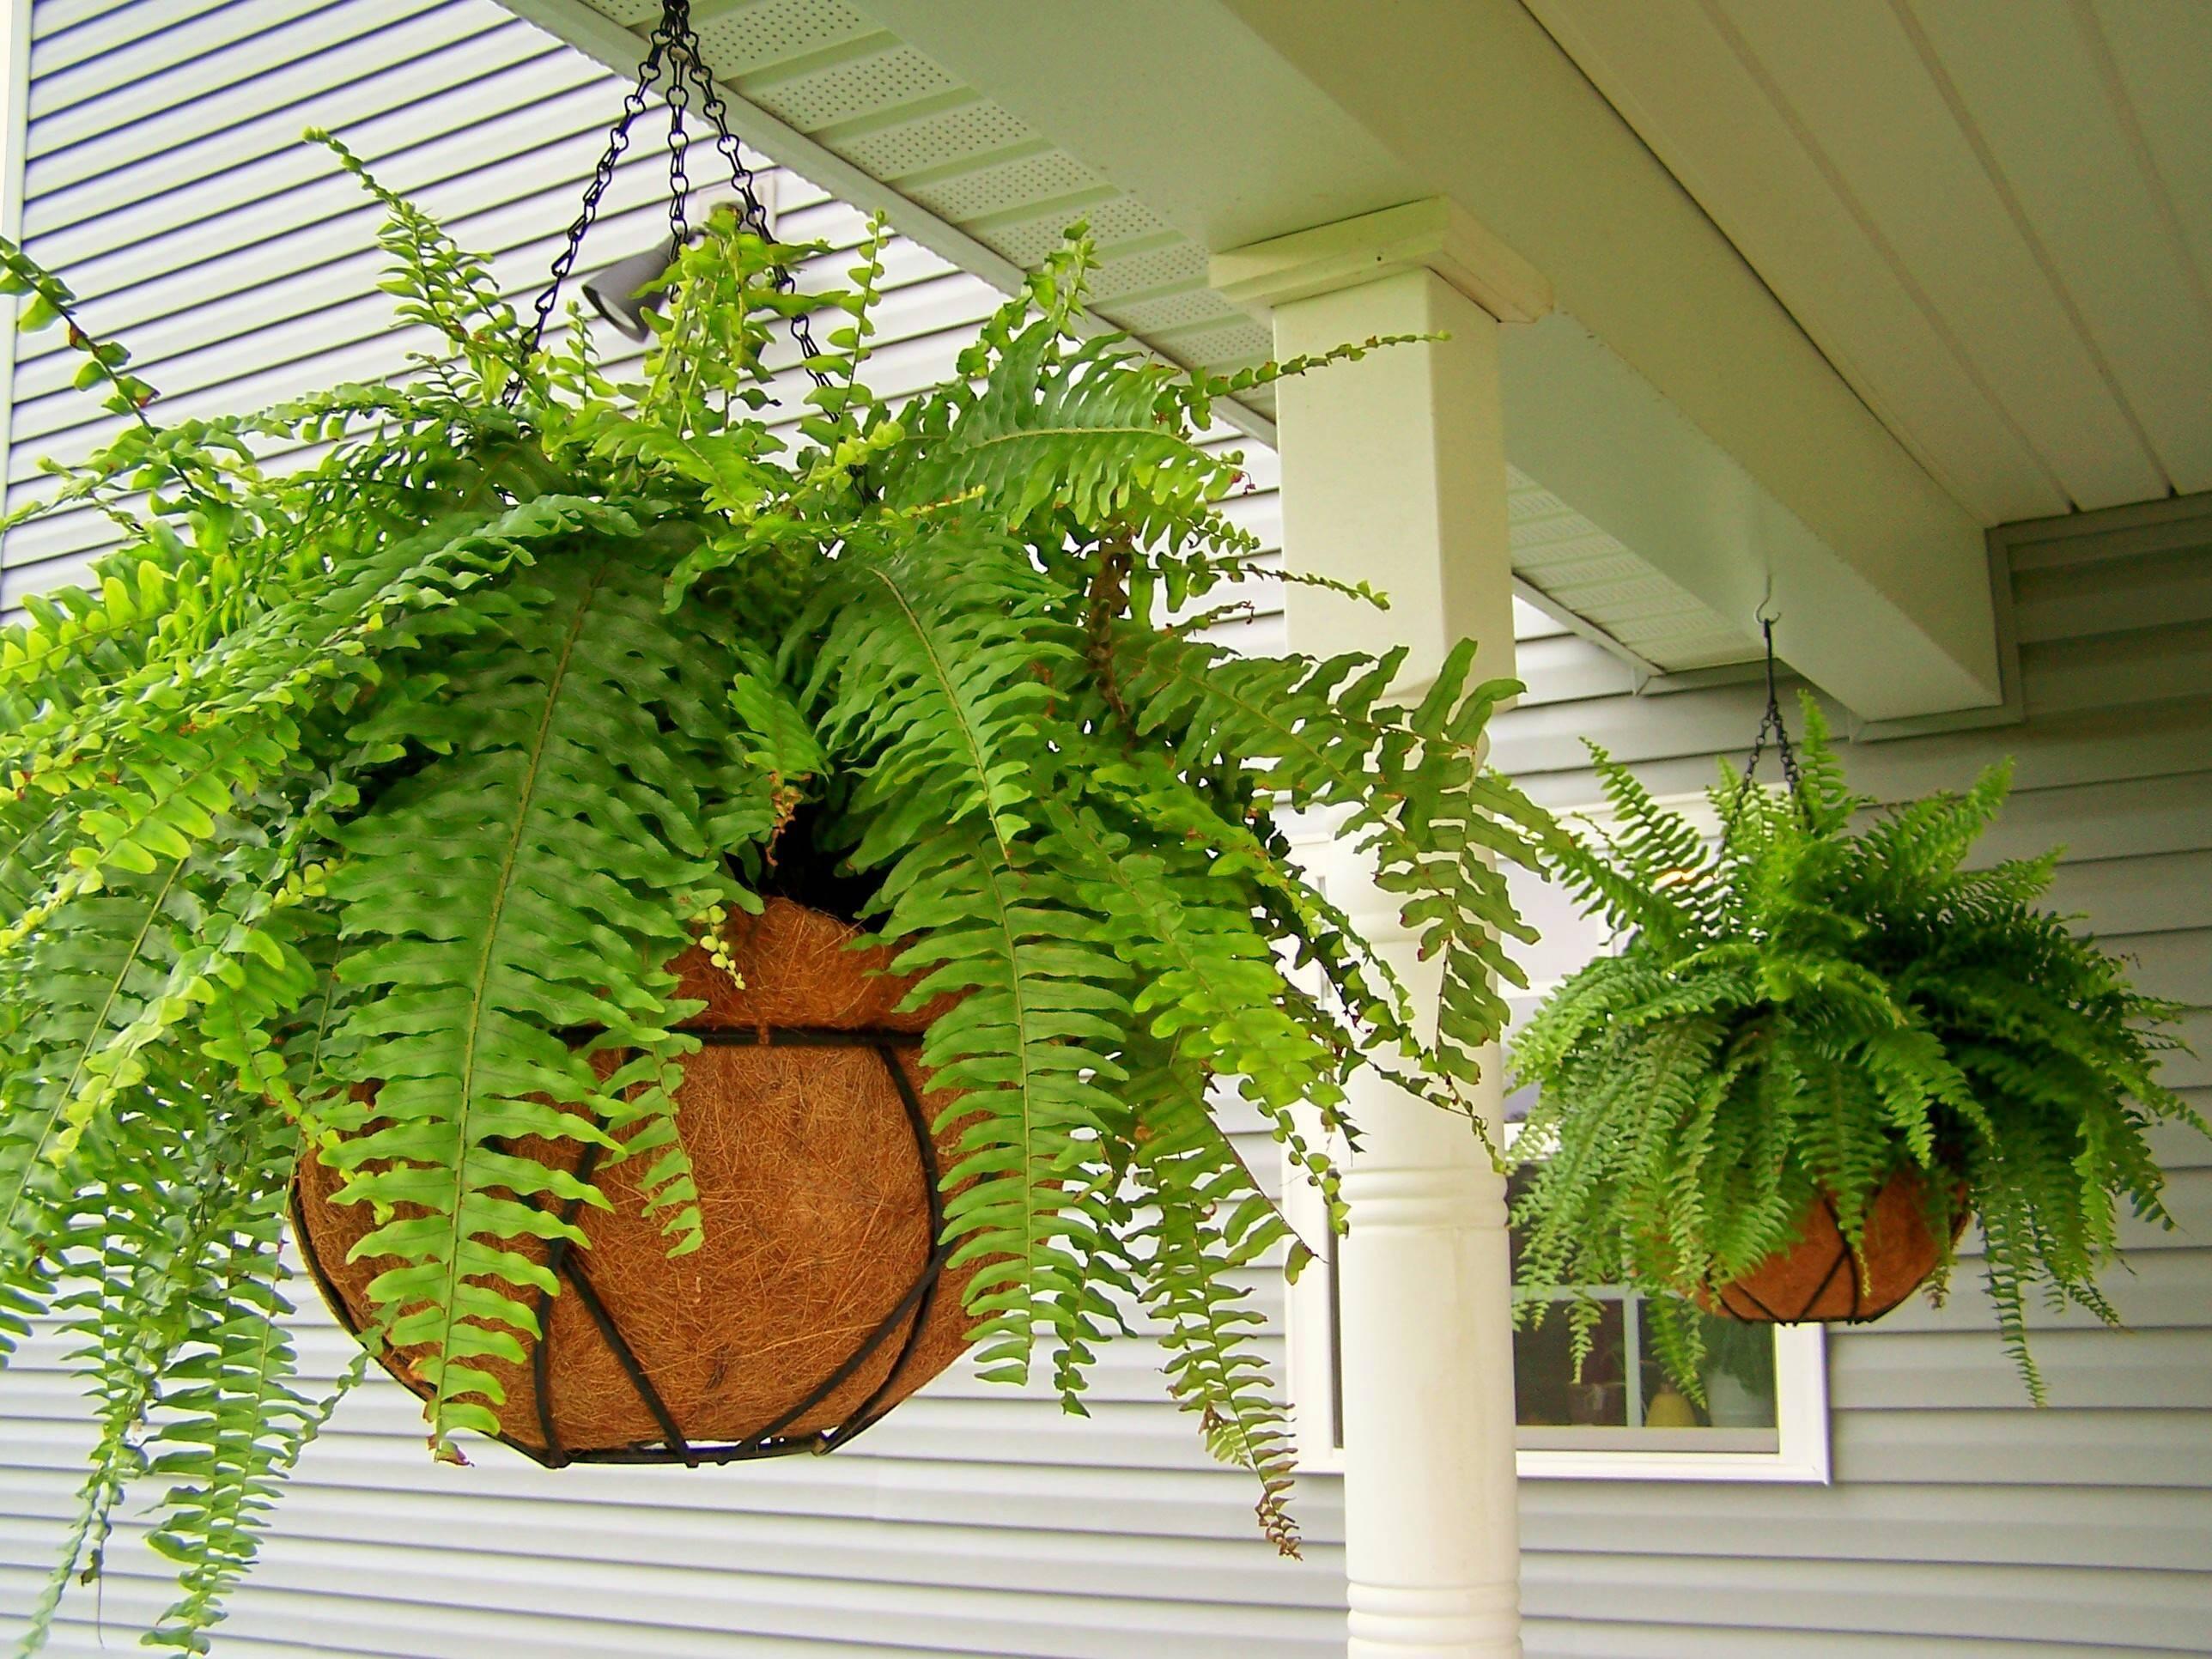 Папоротник комнатный уход: в домашних условиях i виды, описание, особенности выращивания